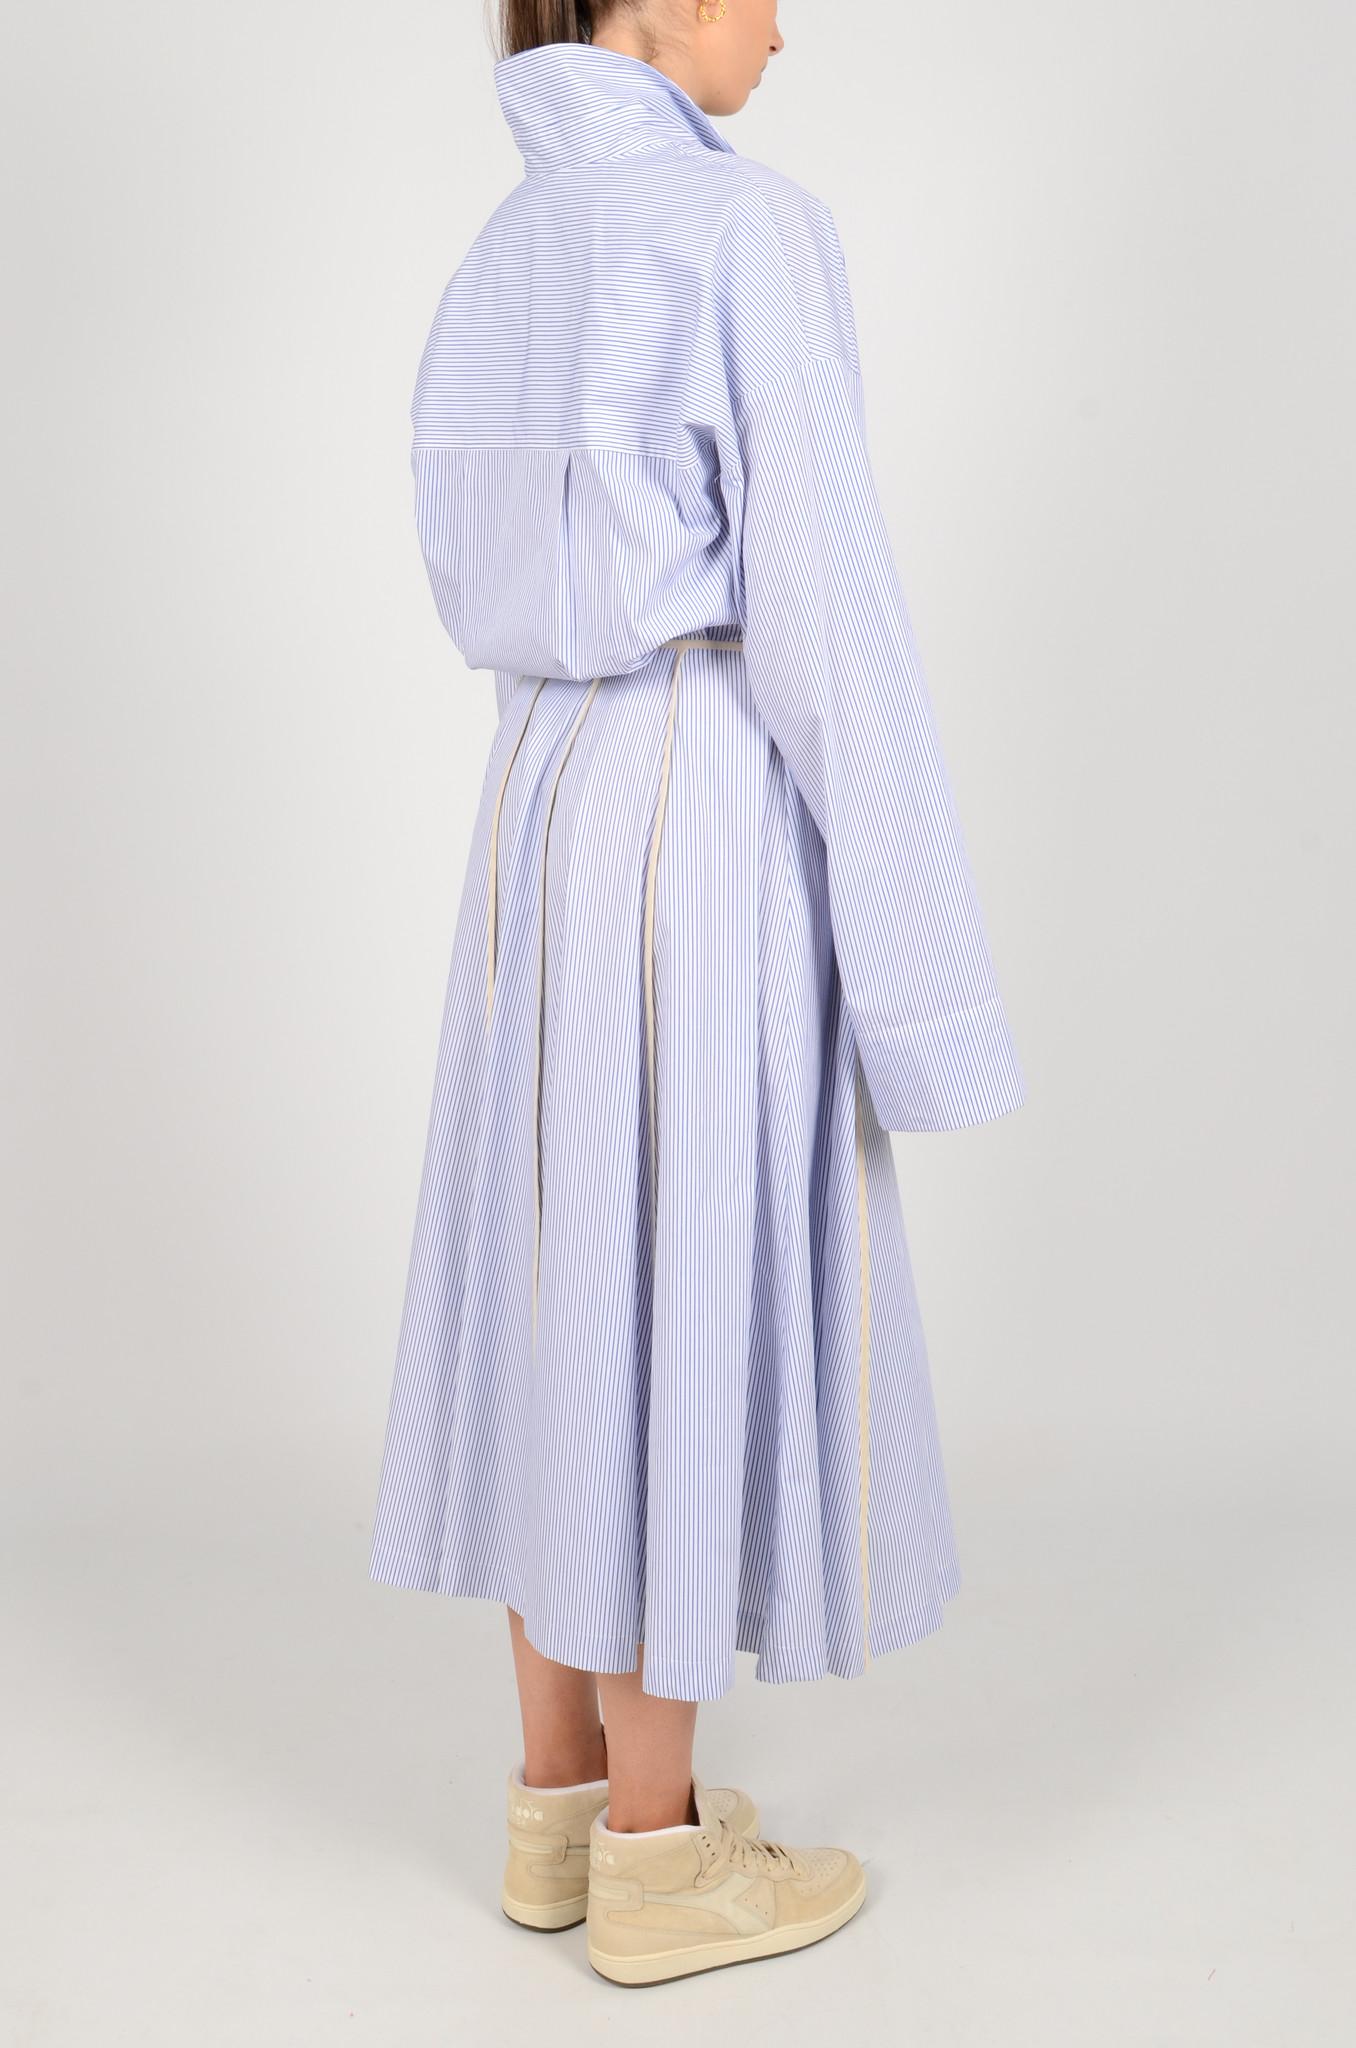 CHRISTY DRESS-4